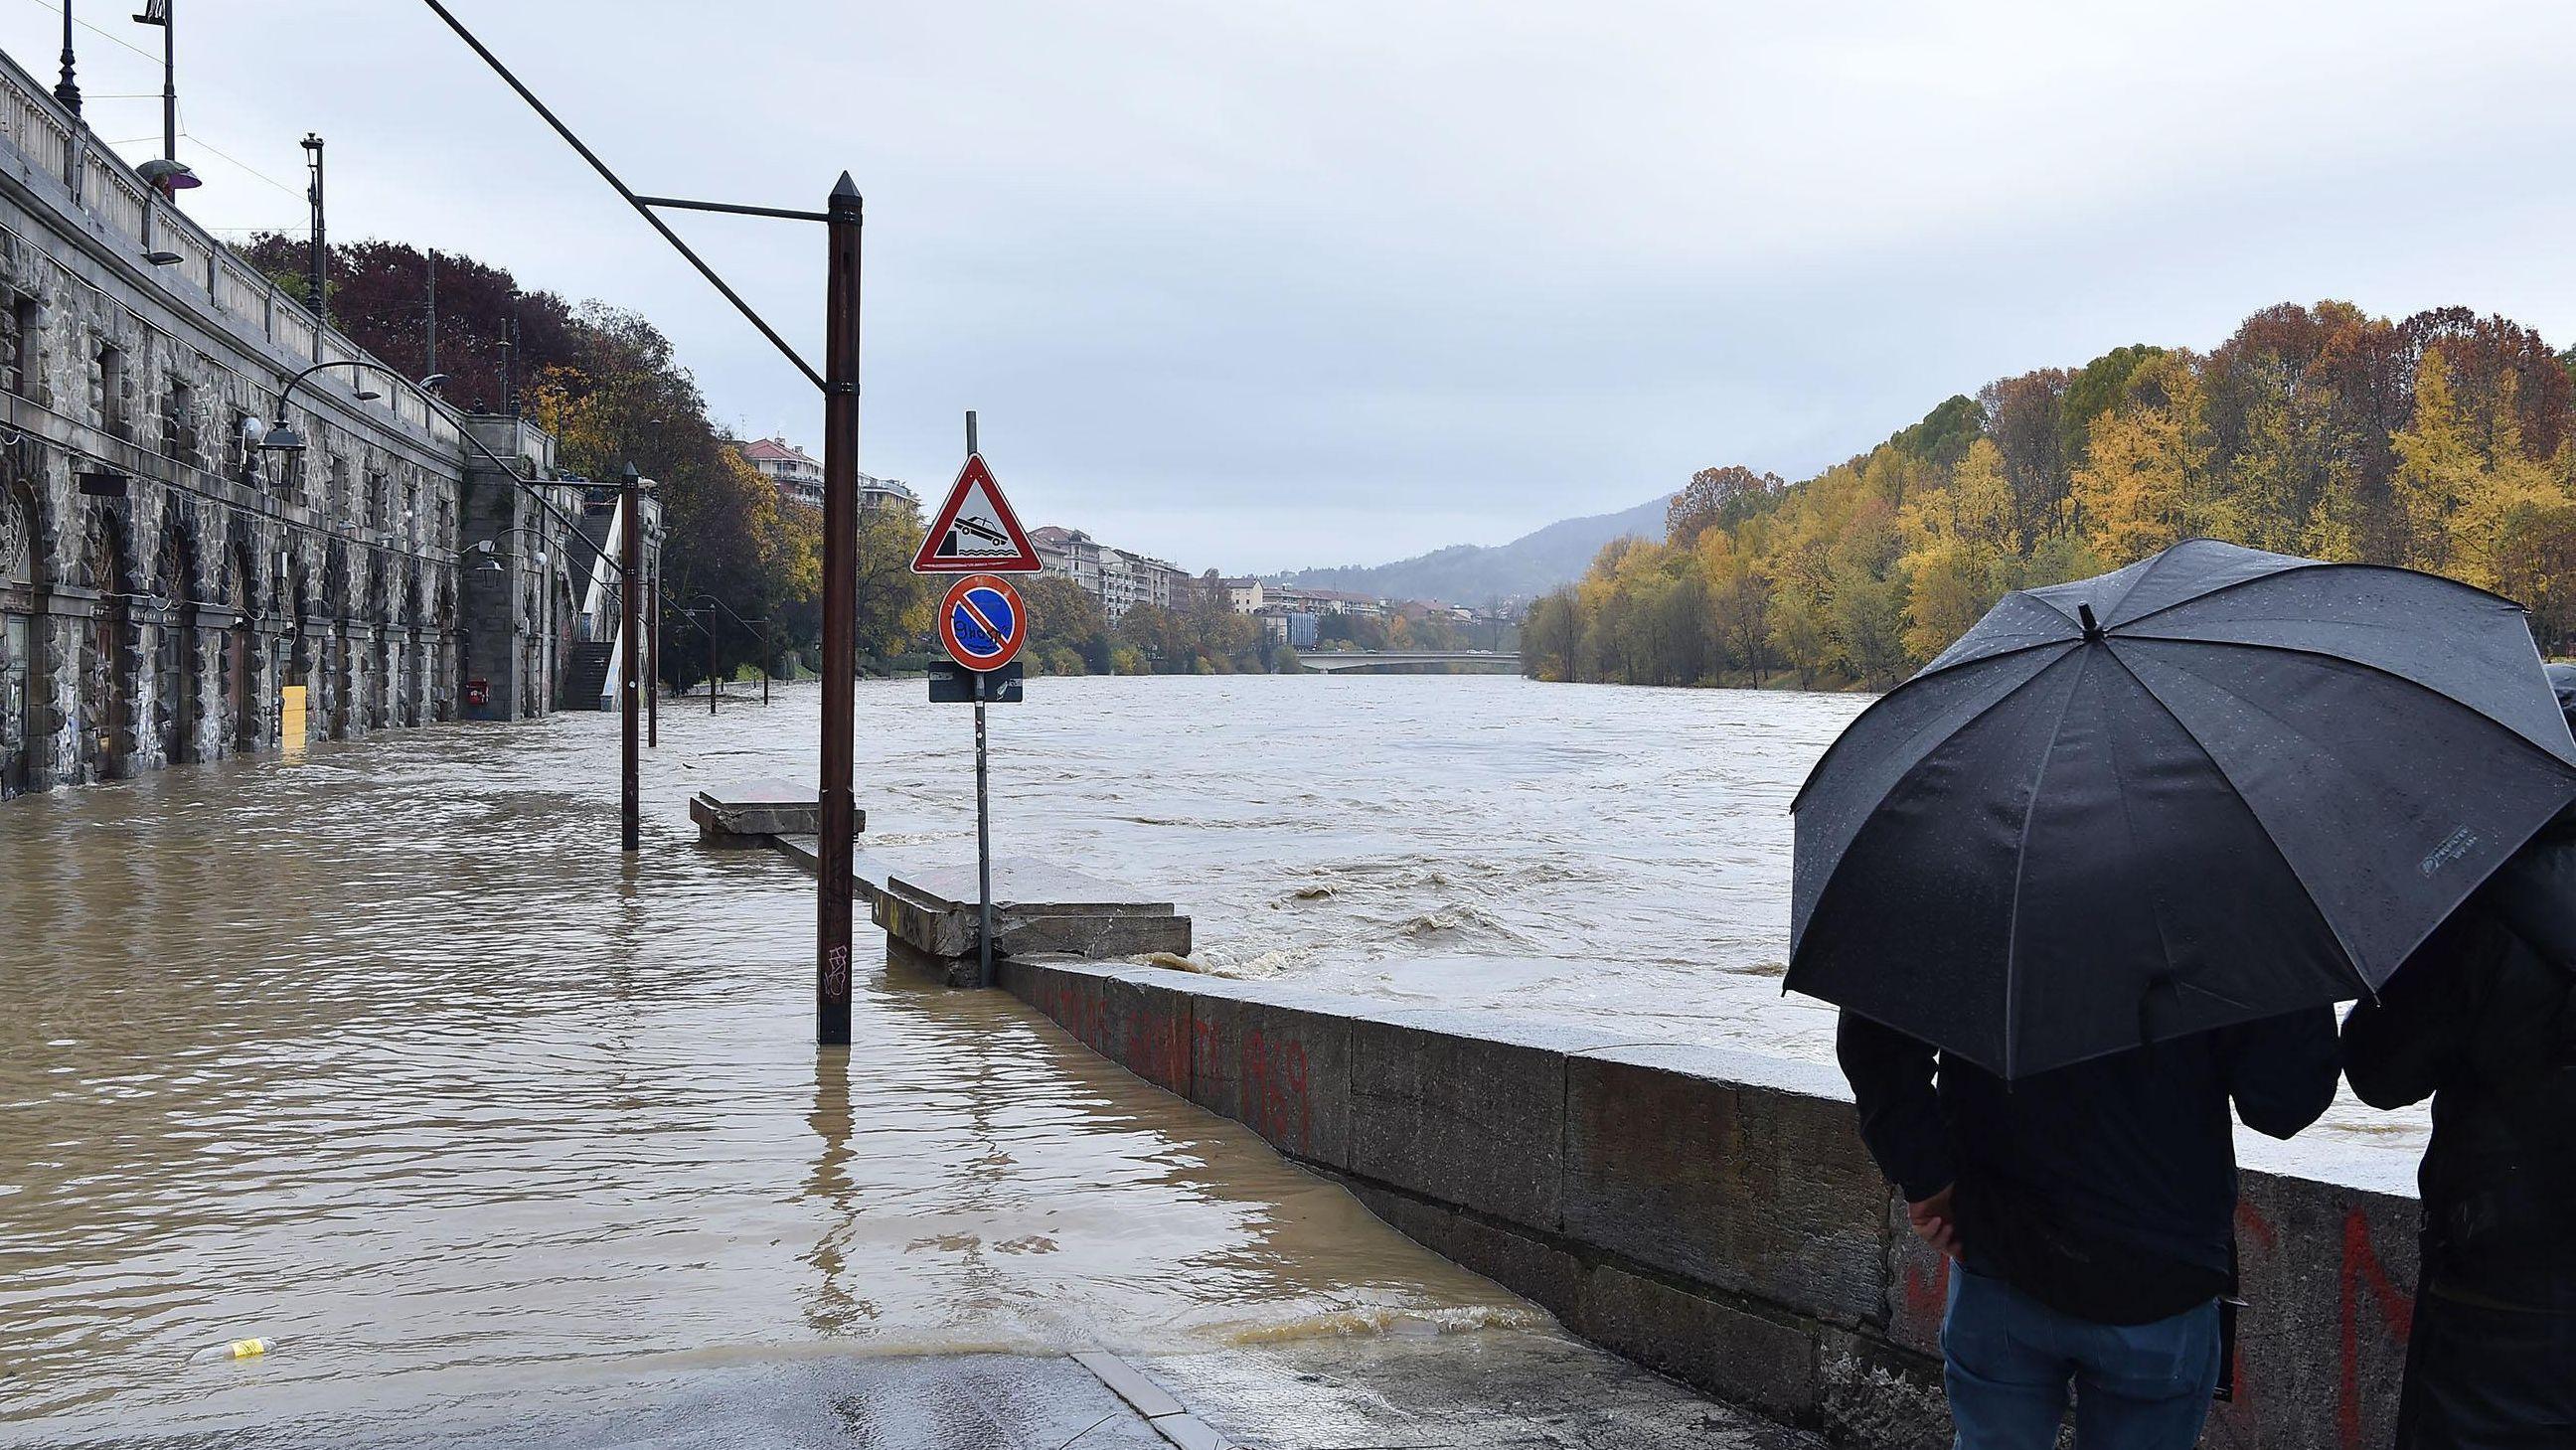 Der Fluss Po bei Turin ist über die Ufer getreten (Aufnahme von 24.11.19).